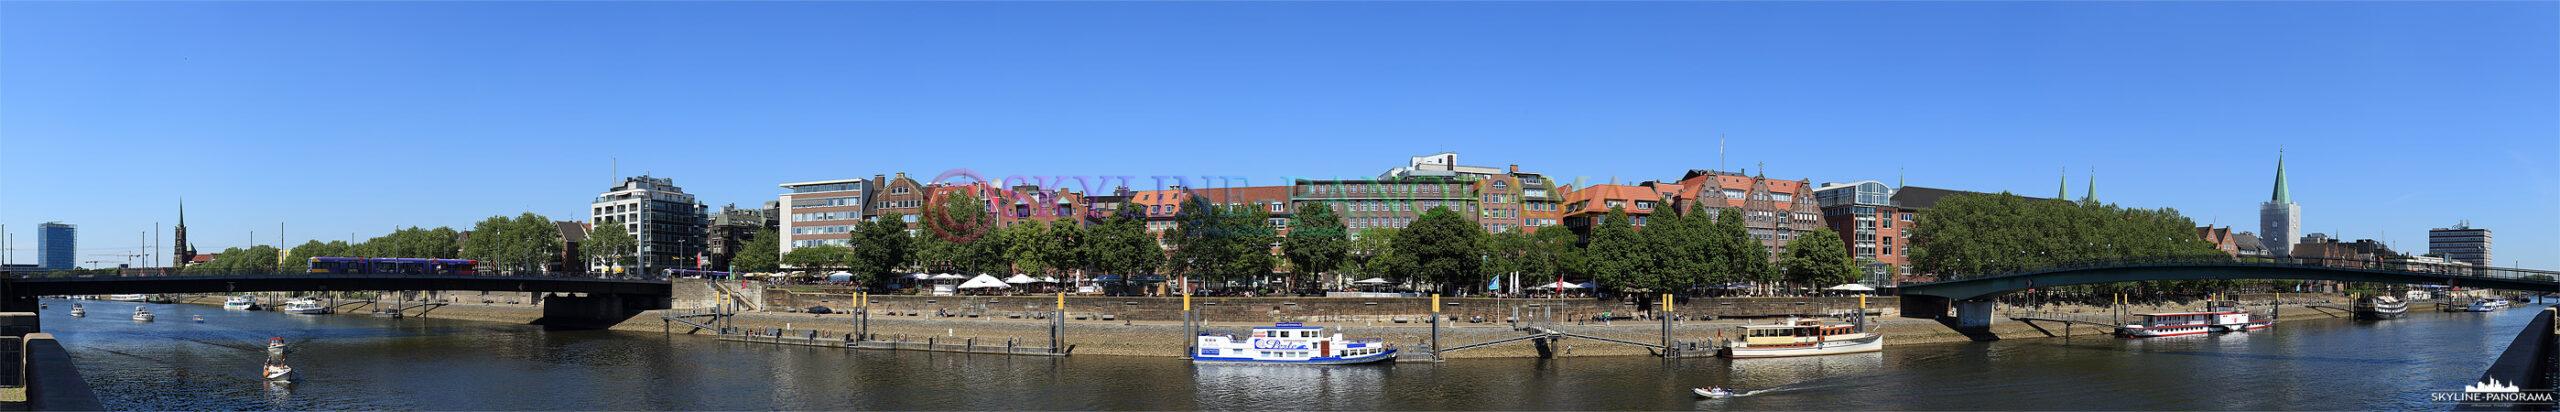 Bilder Bremen - Das Panorama von der Weserhalbinsel Teerhof aus, zwischen Bürgermeister-Smidt-Brücke und Teerhofbrücke, auf das Weserufer und die Altstadt von Bremen.